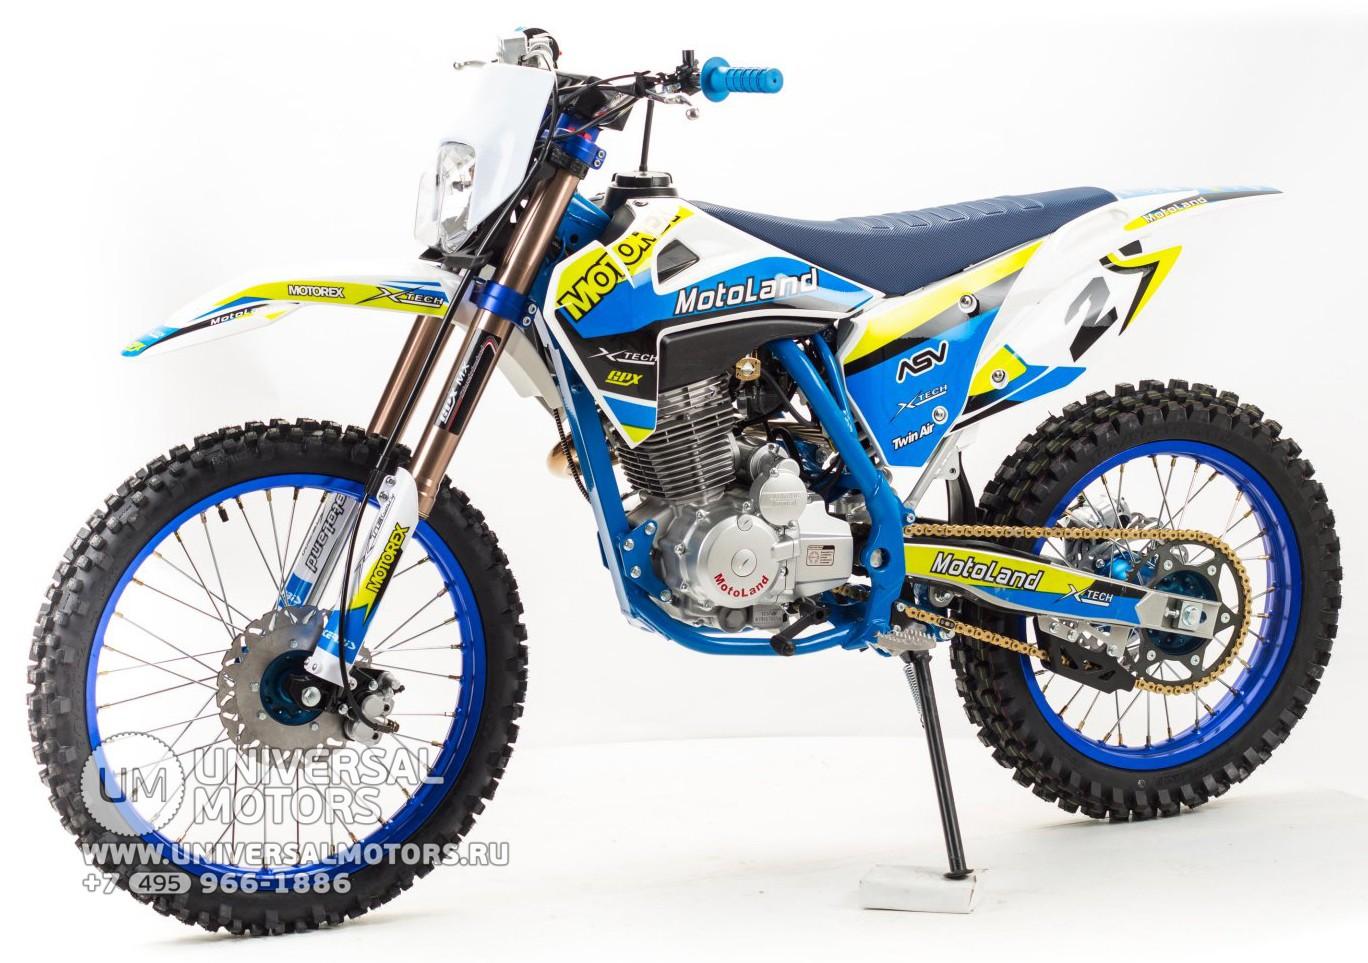 Кроссовый мотоцикл Motoland XT250 HS (172FMM) купить в Москве, цены, продажа, интернет-магазин